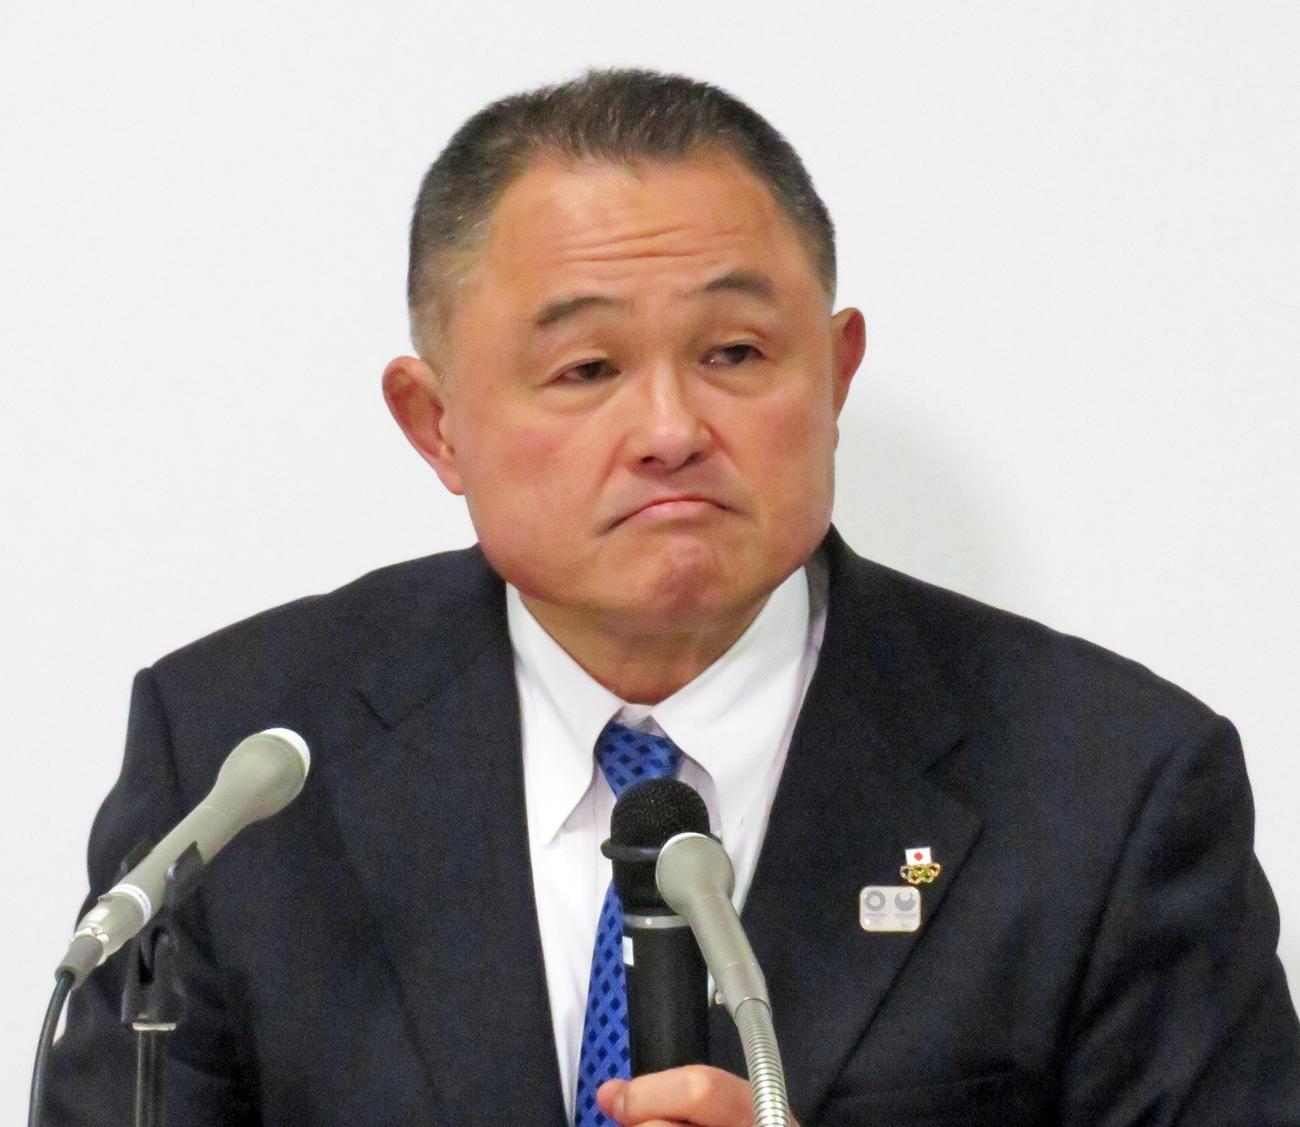 日本オリンピック委員会の山下泰裕会長